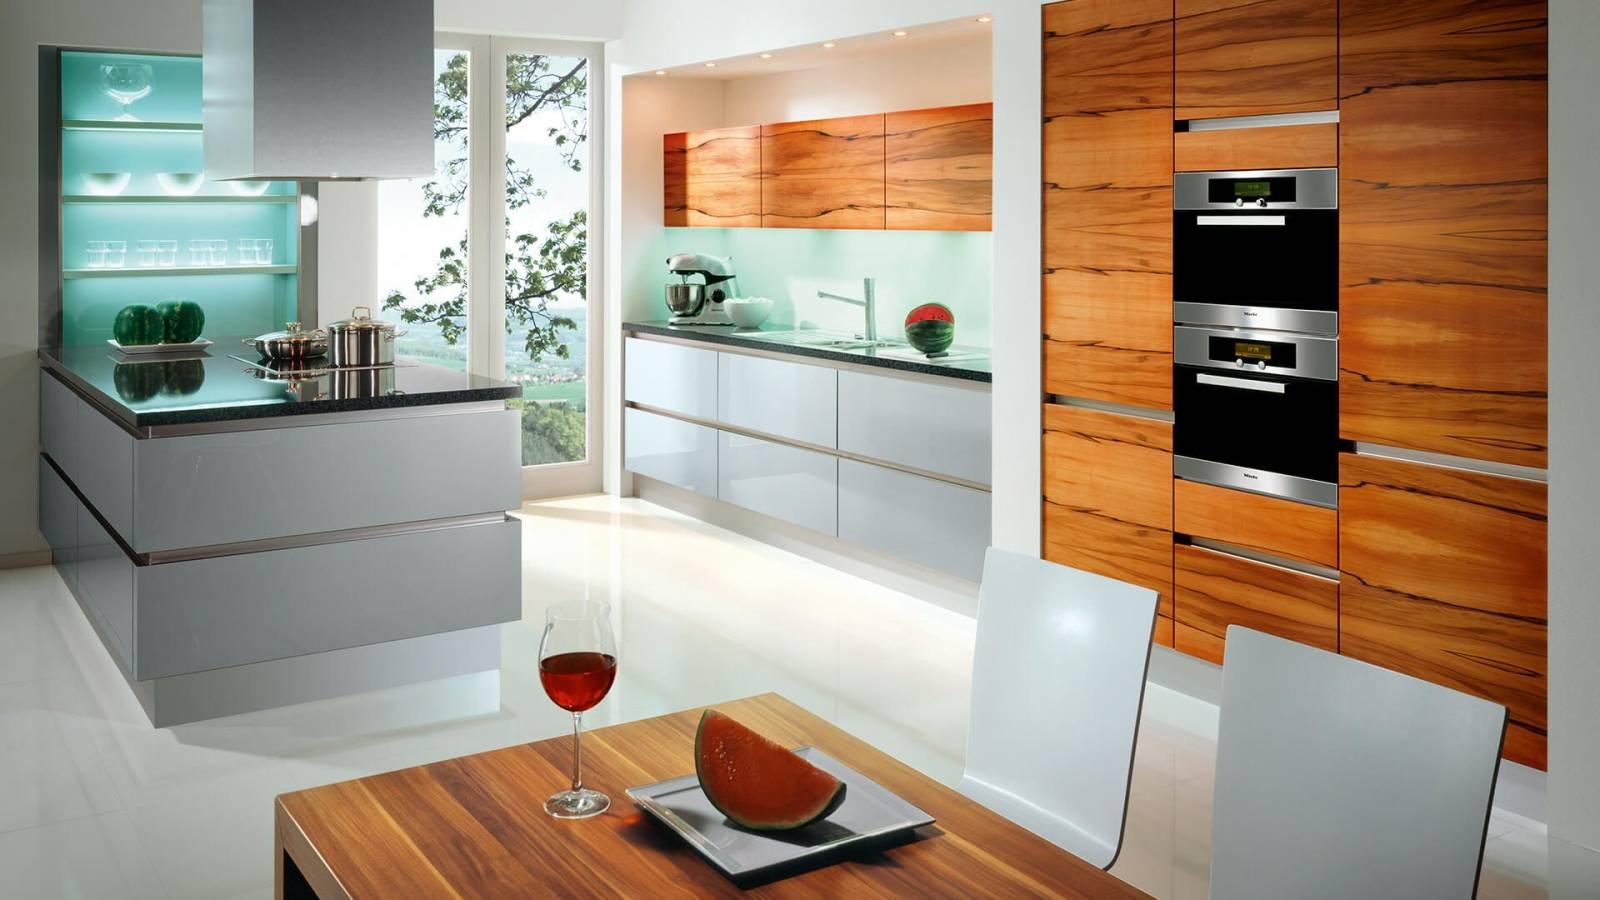 Cuisine olivia et xenia conception de cuisines for Cuisines allemandes